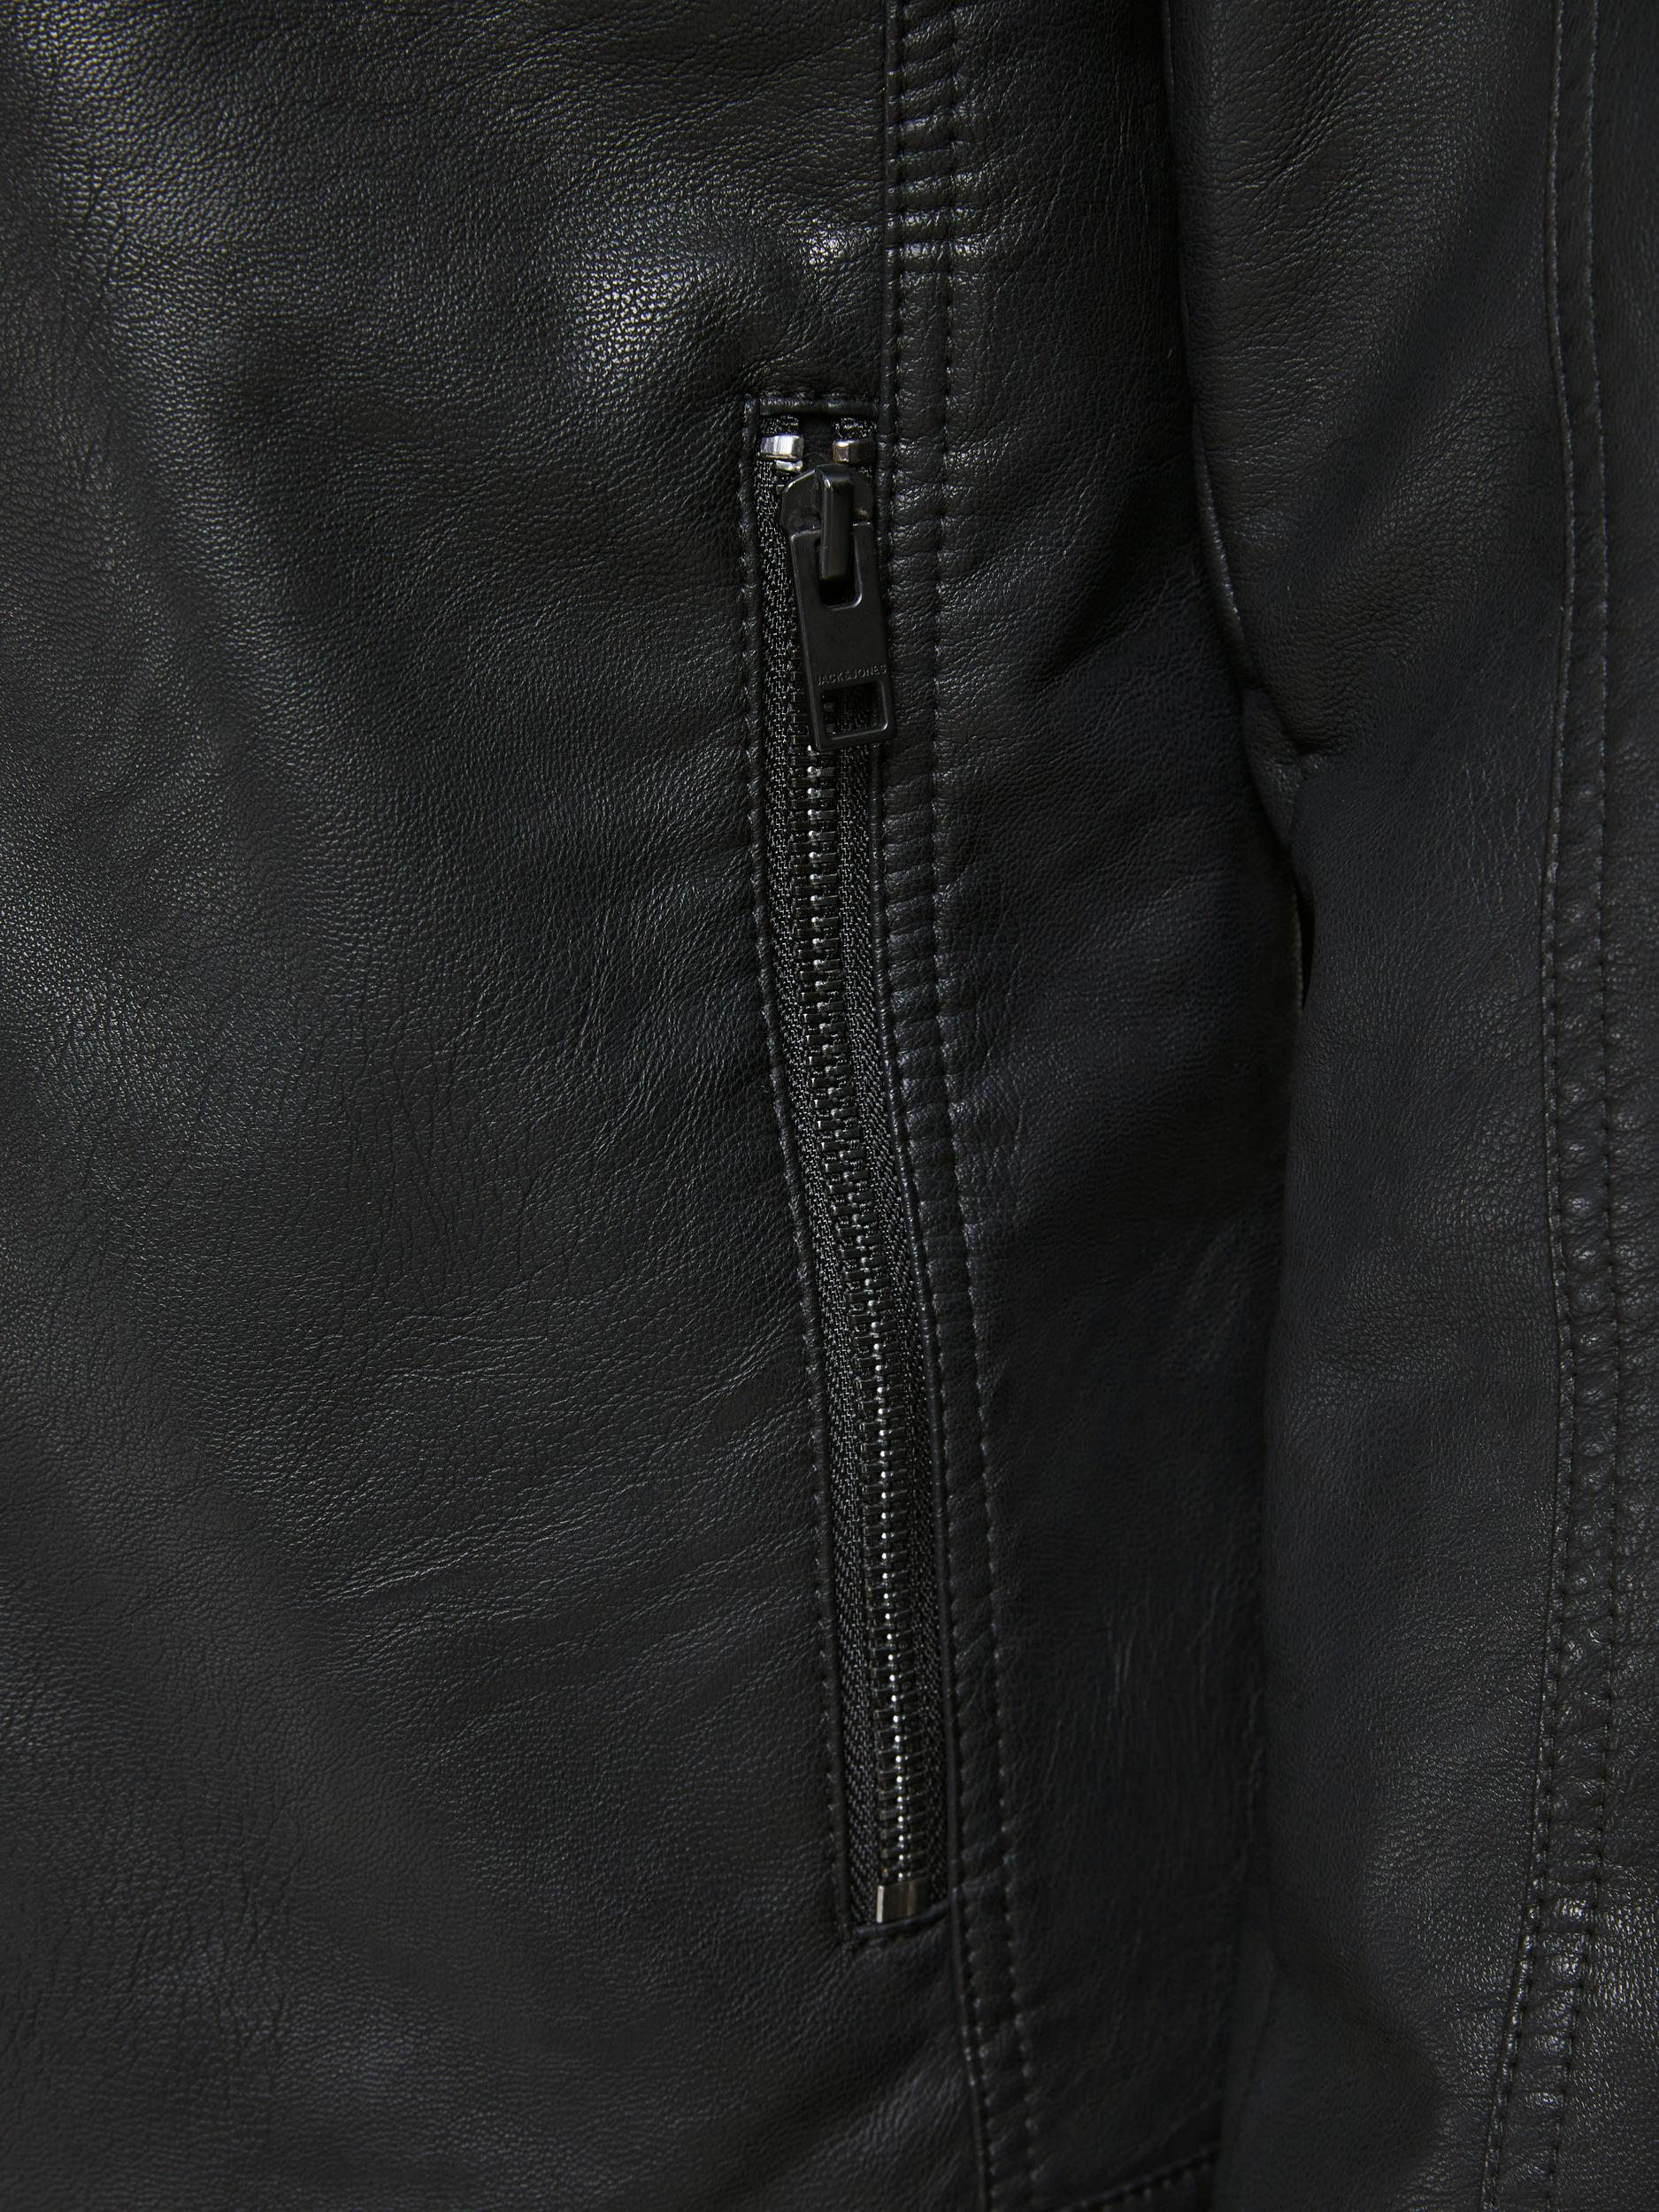 Warner Jacket jack and jones JACK&JONES | Giubbotto | 12182461BLACK